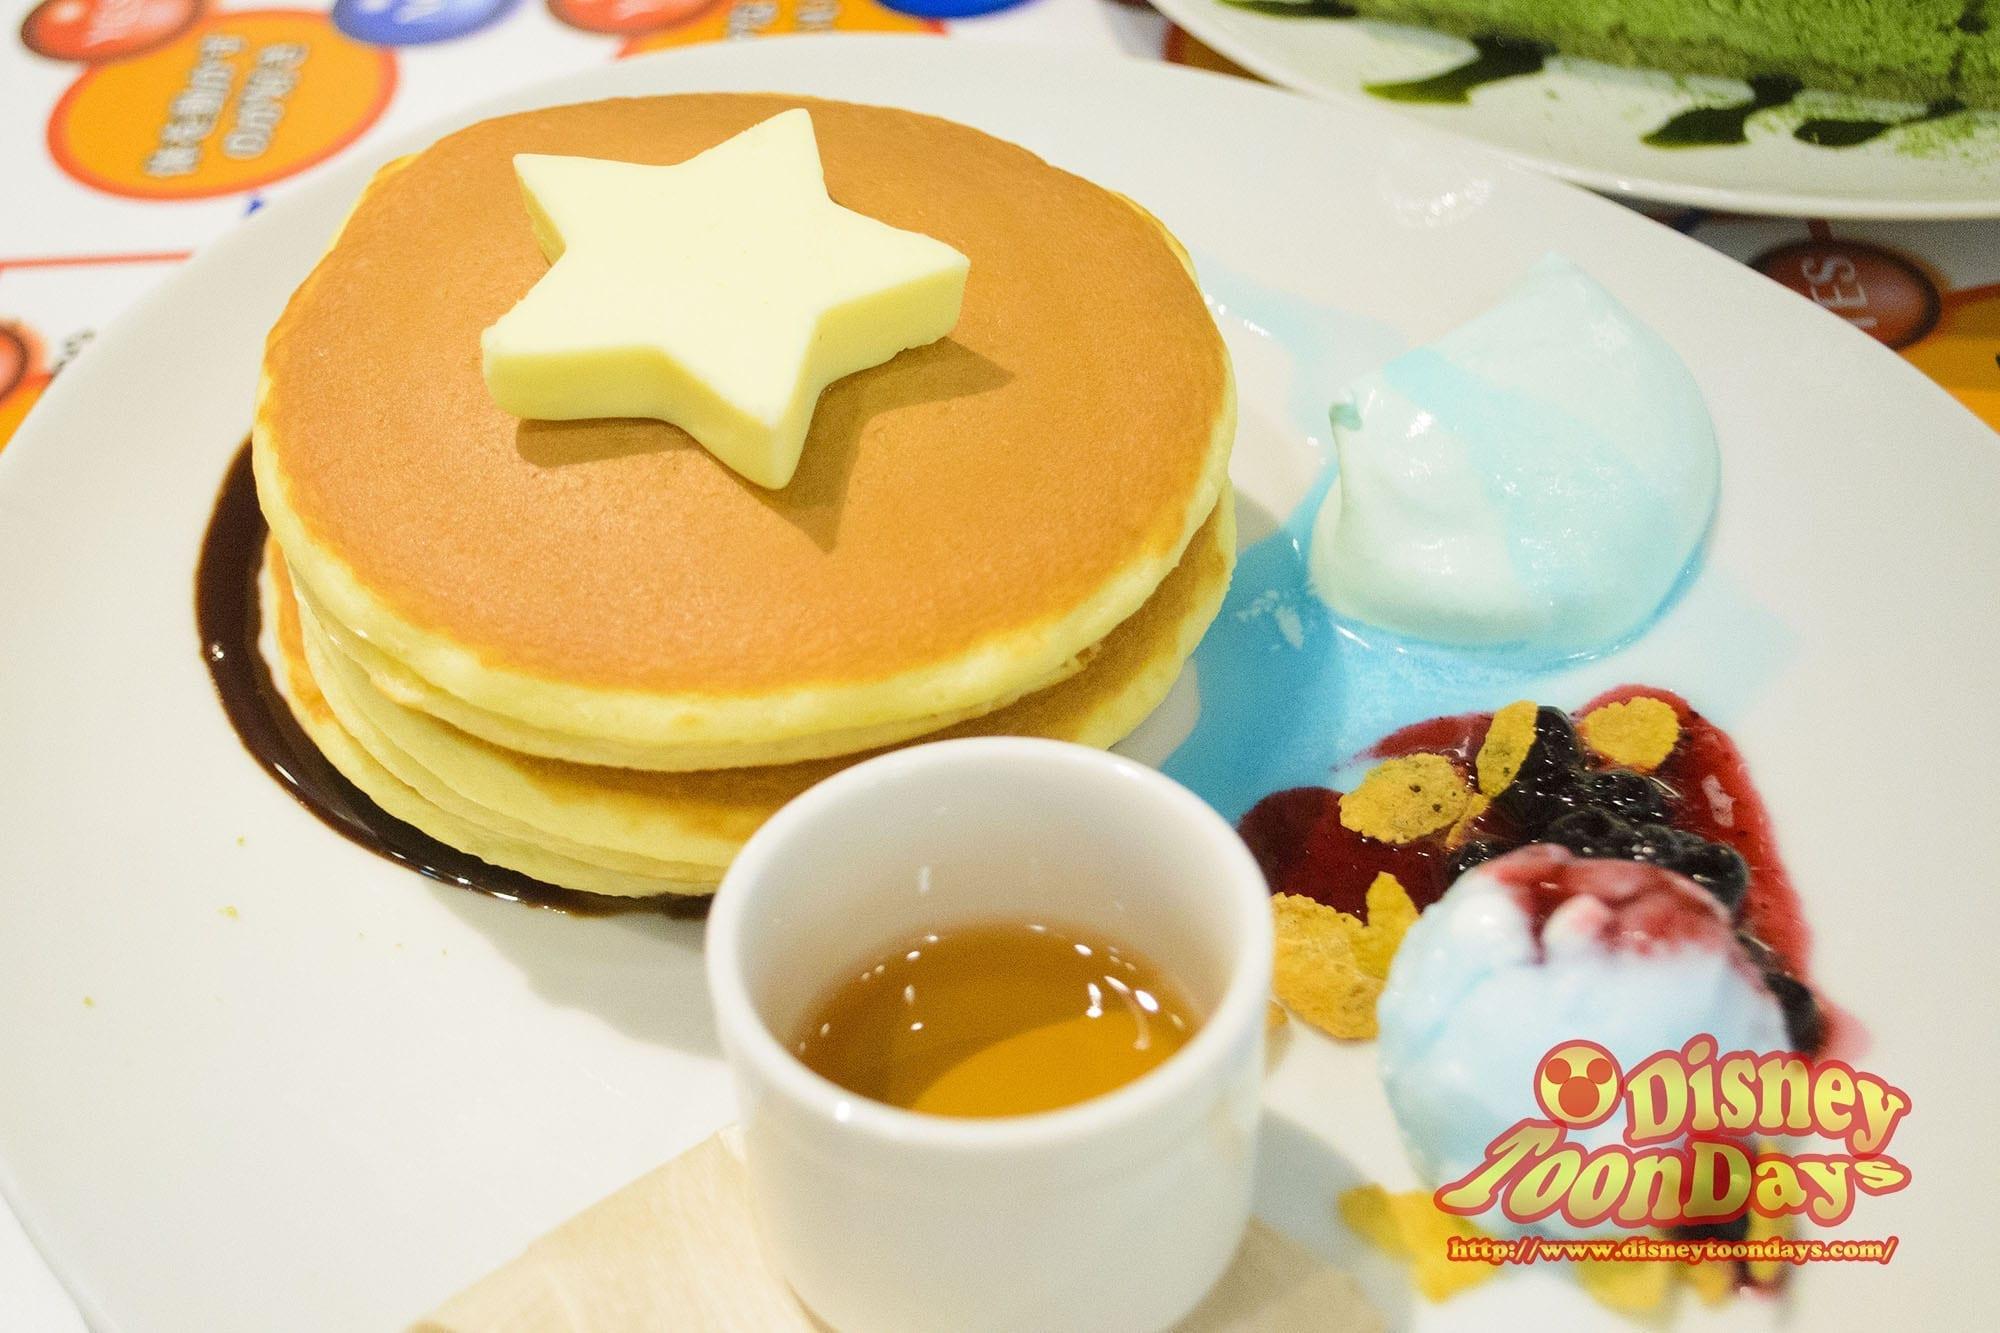 アメリカン・ヒーローズ・カフェ キャプテン・アメリカン・パンケーキ